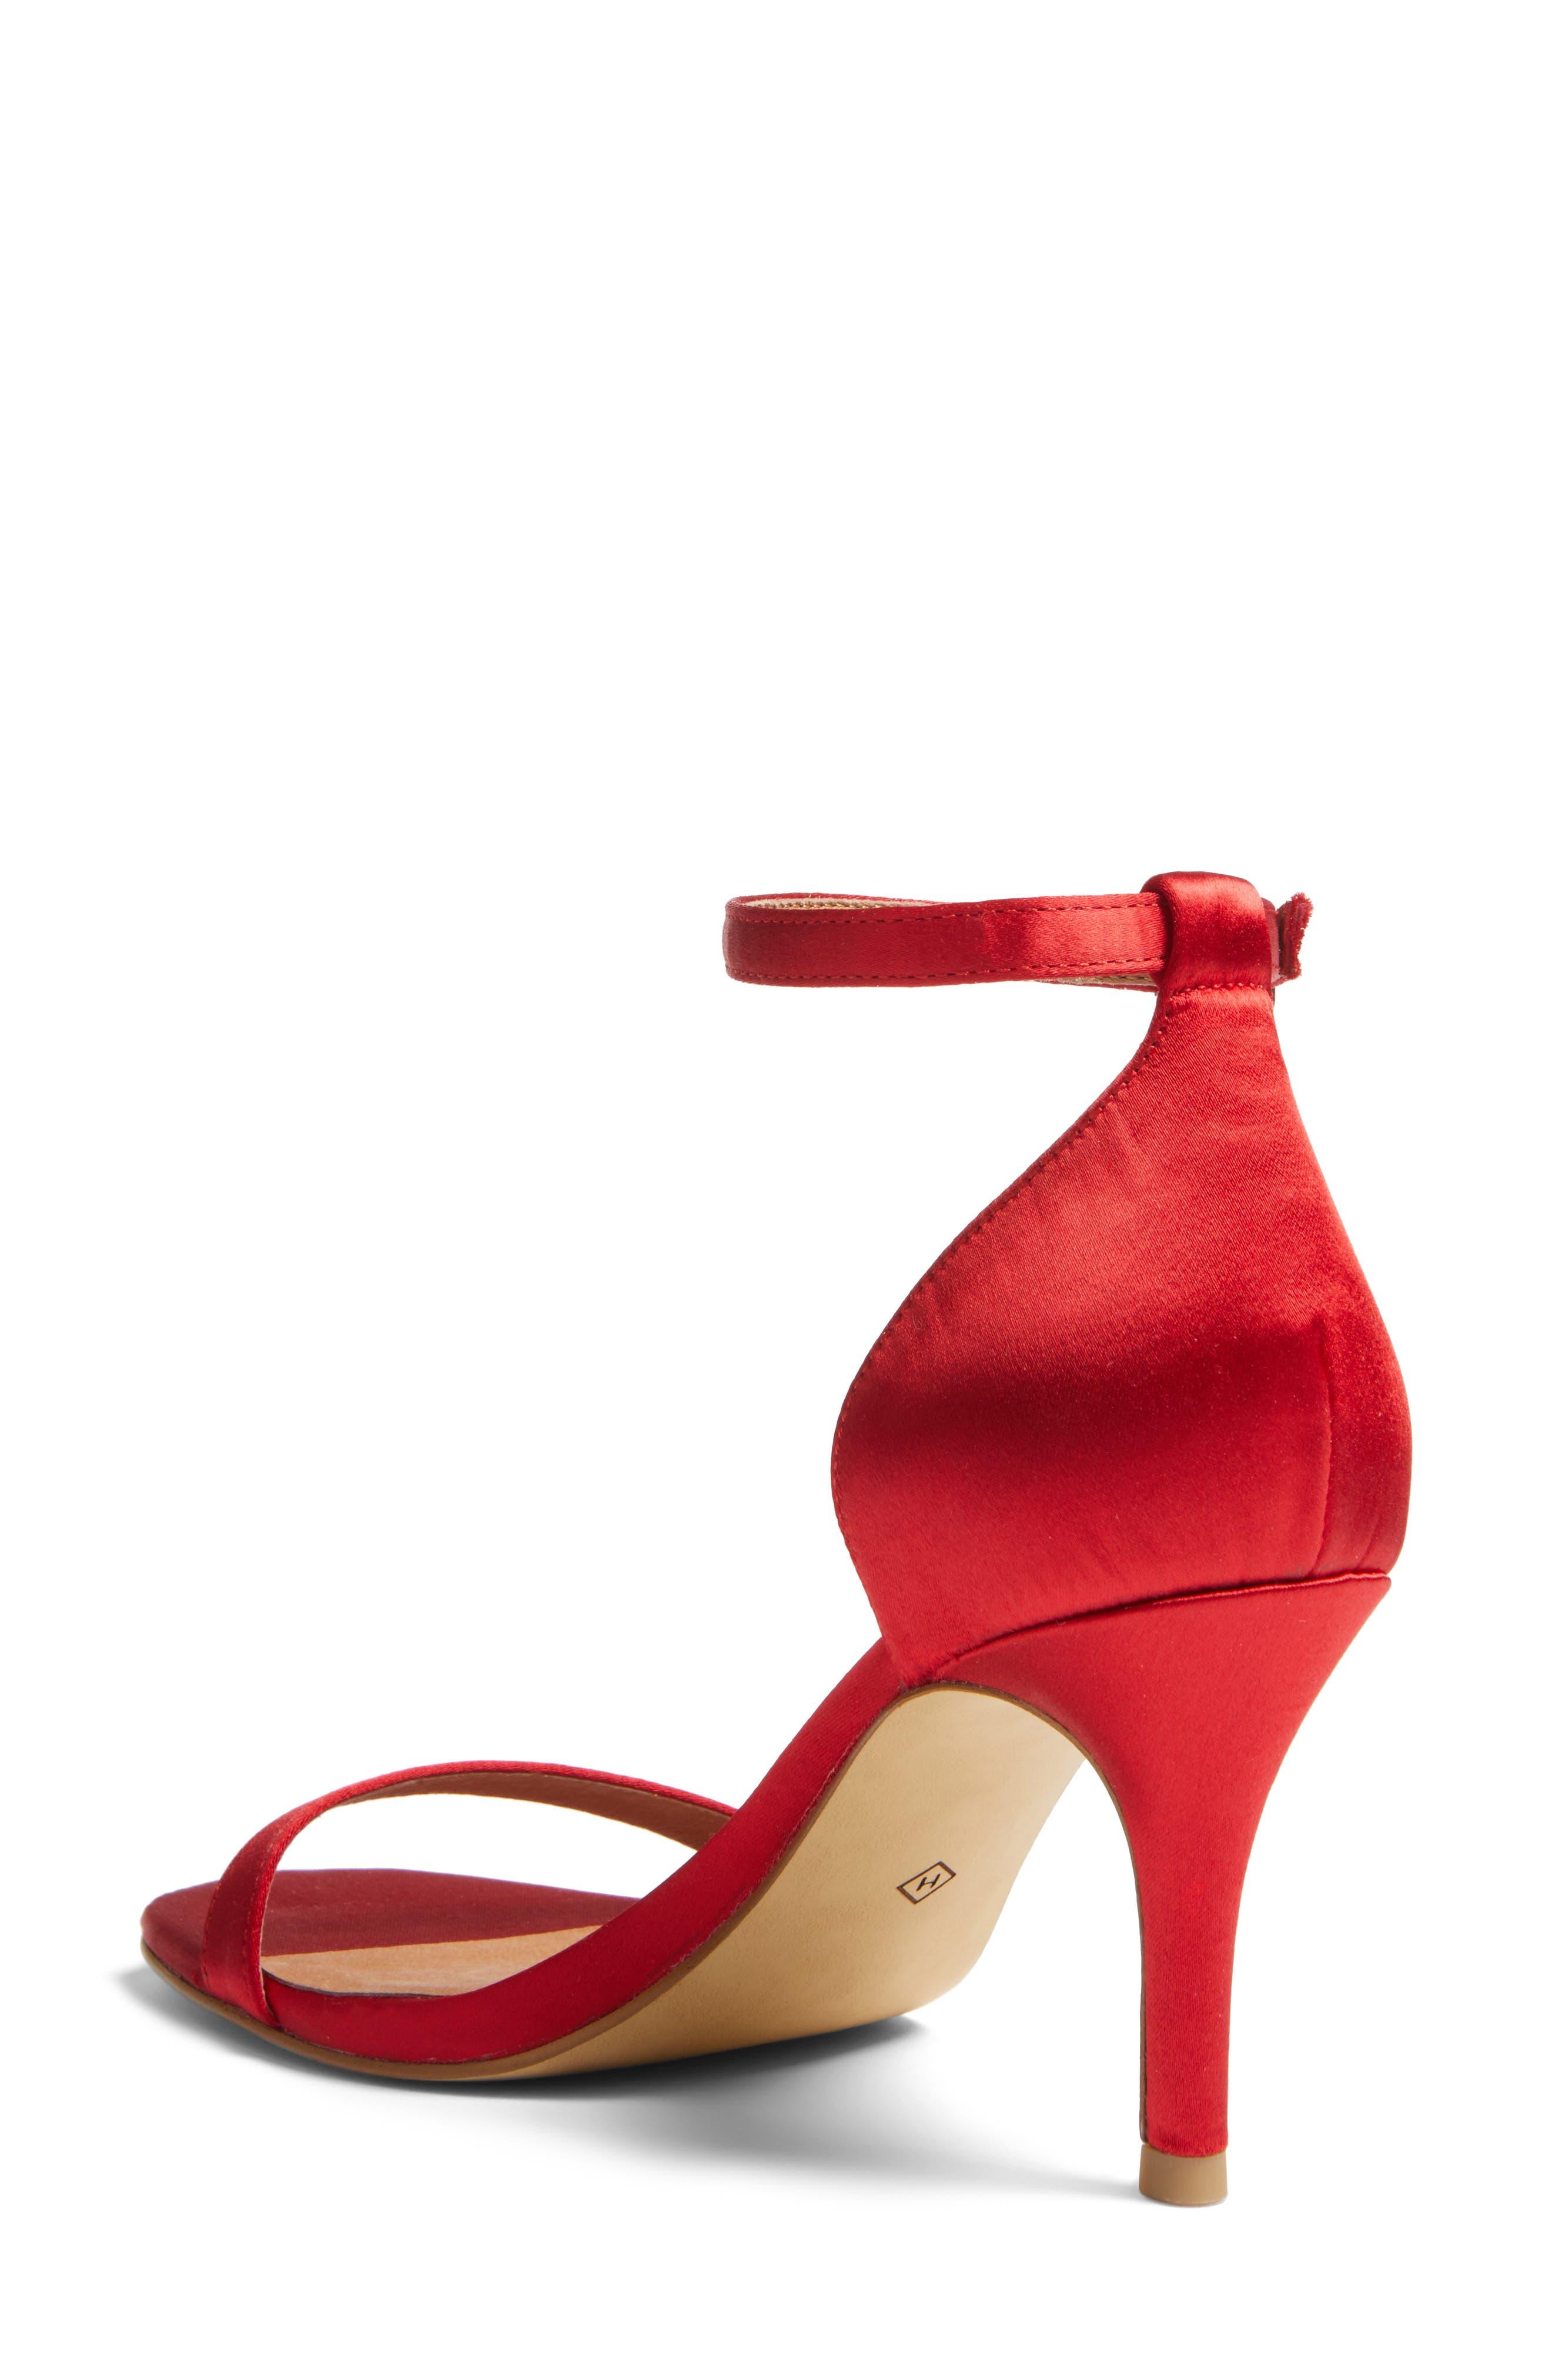 Audrey Ankle Strap Sandal,                             Alternate thumbnail 37, color,